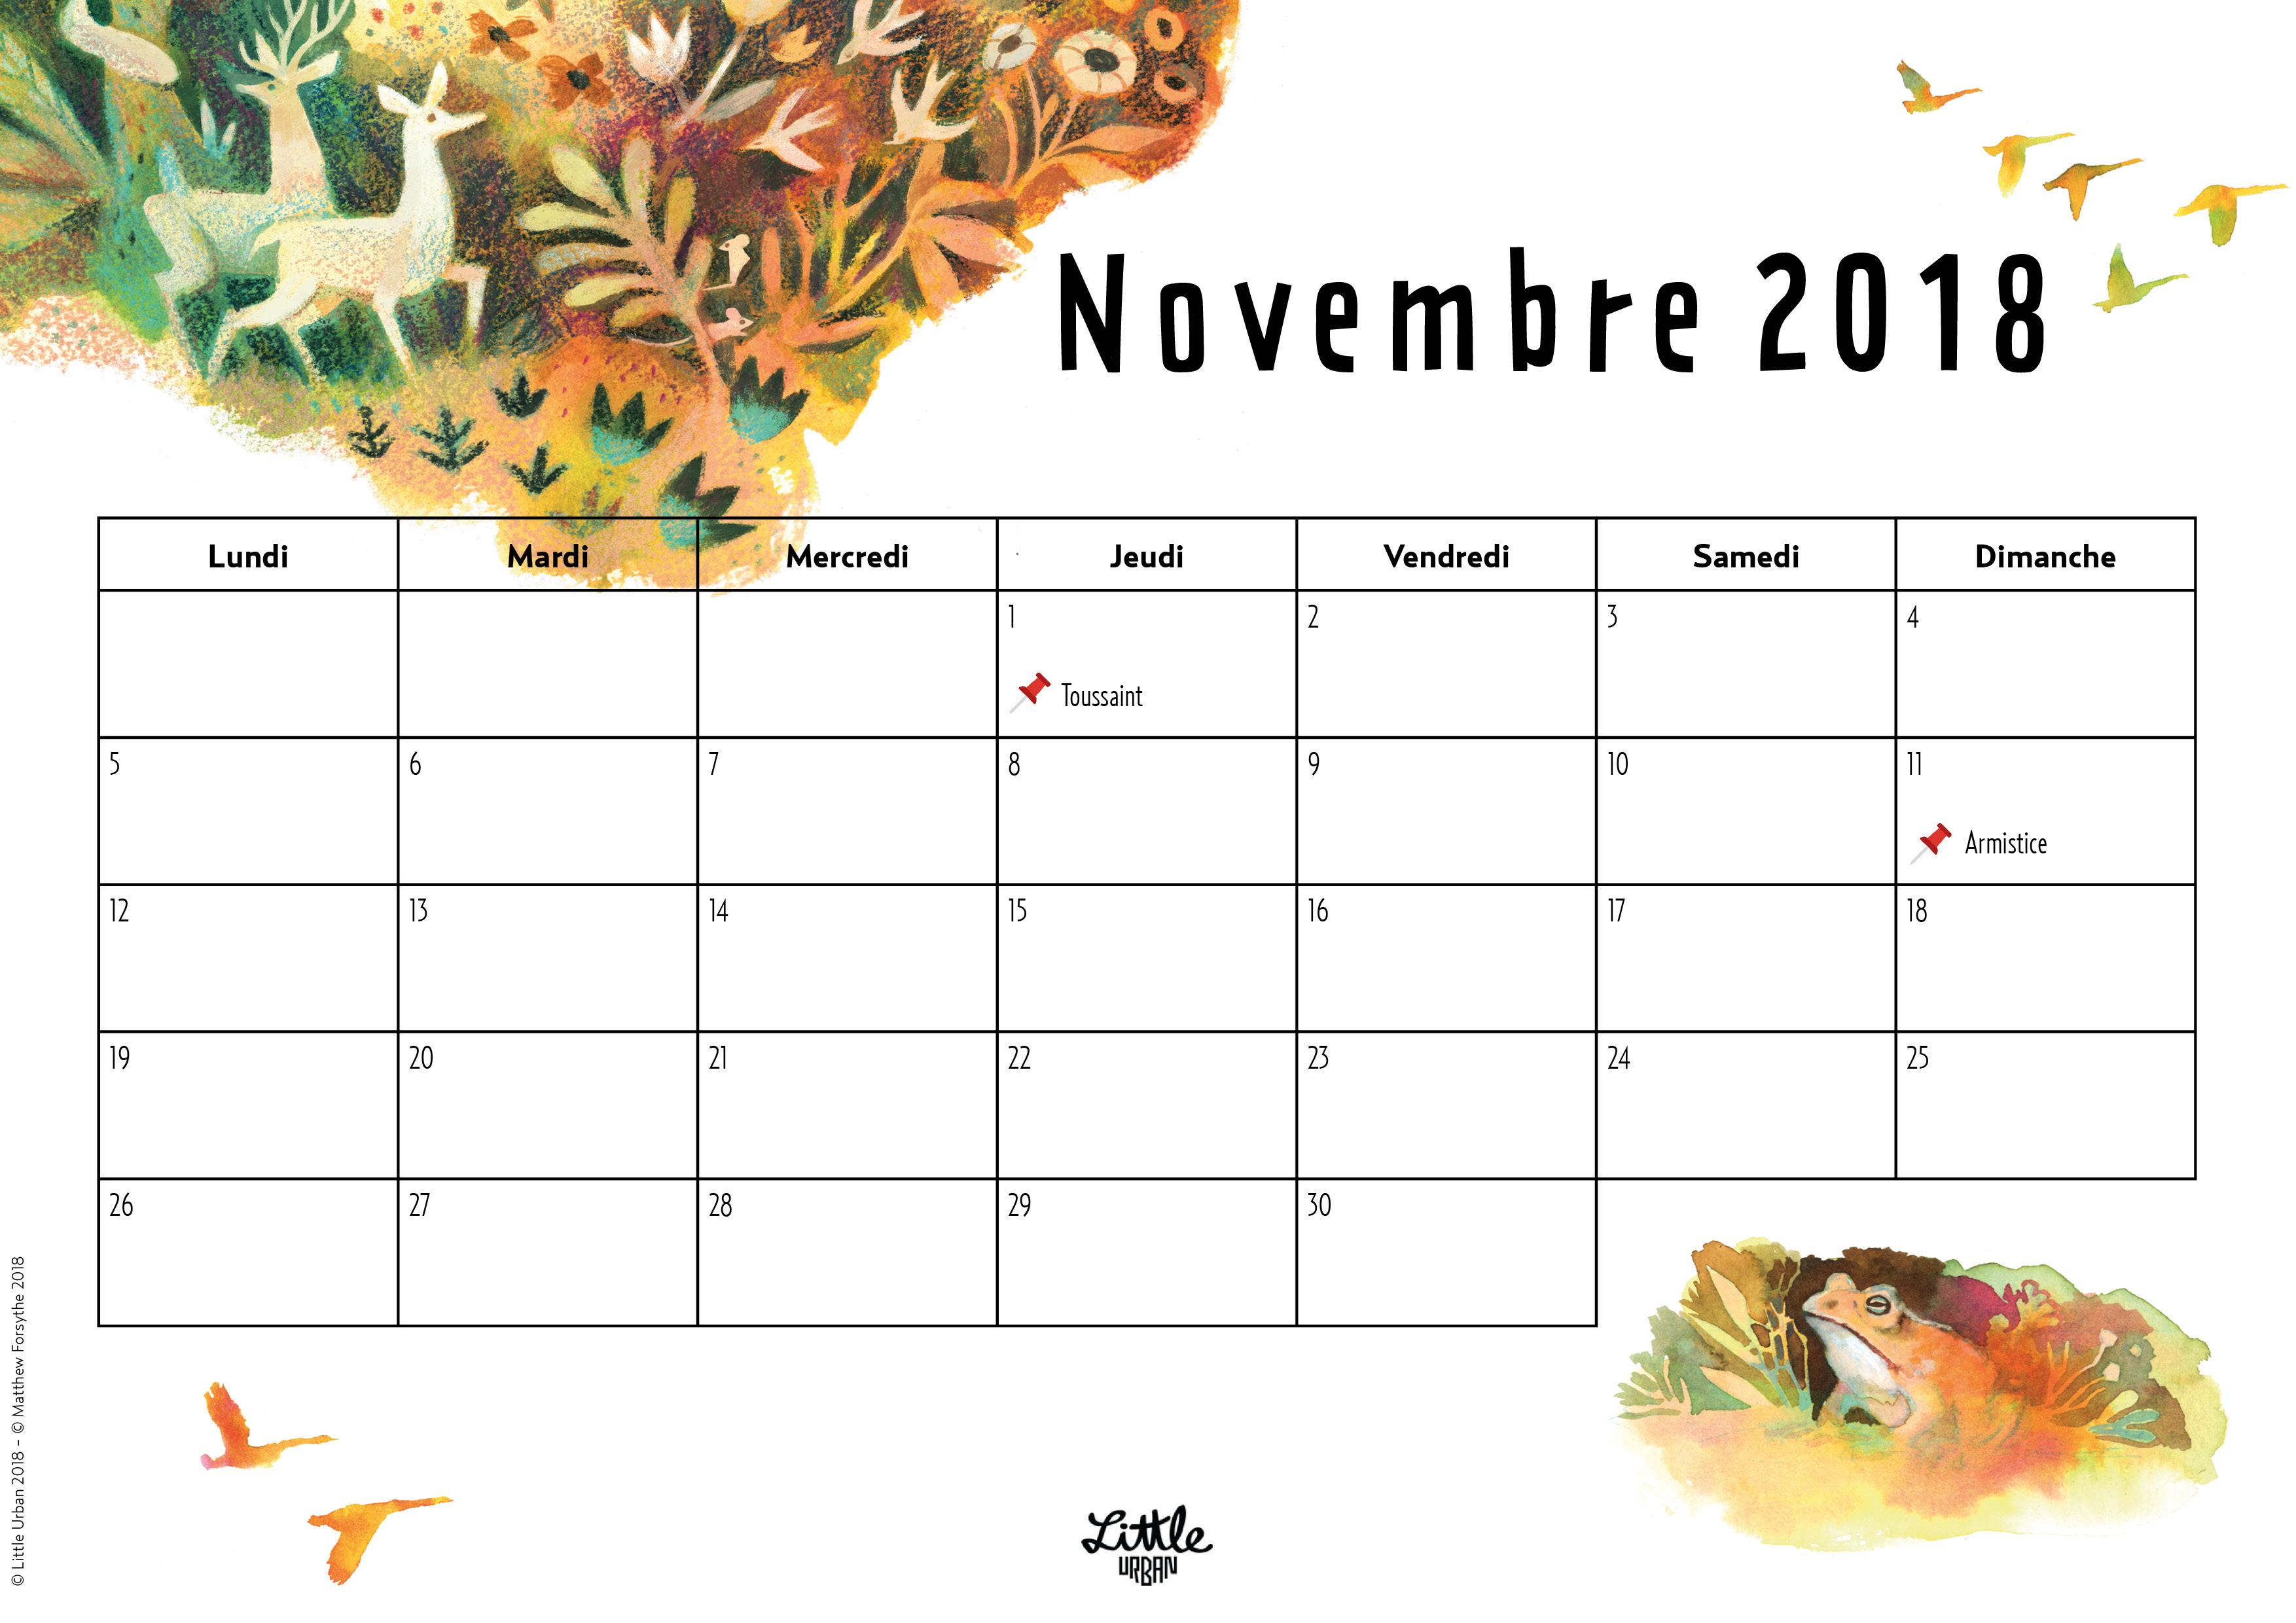 Calendrier - novembre